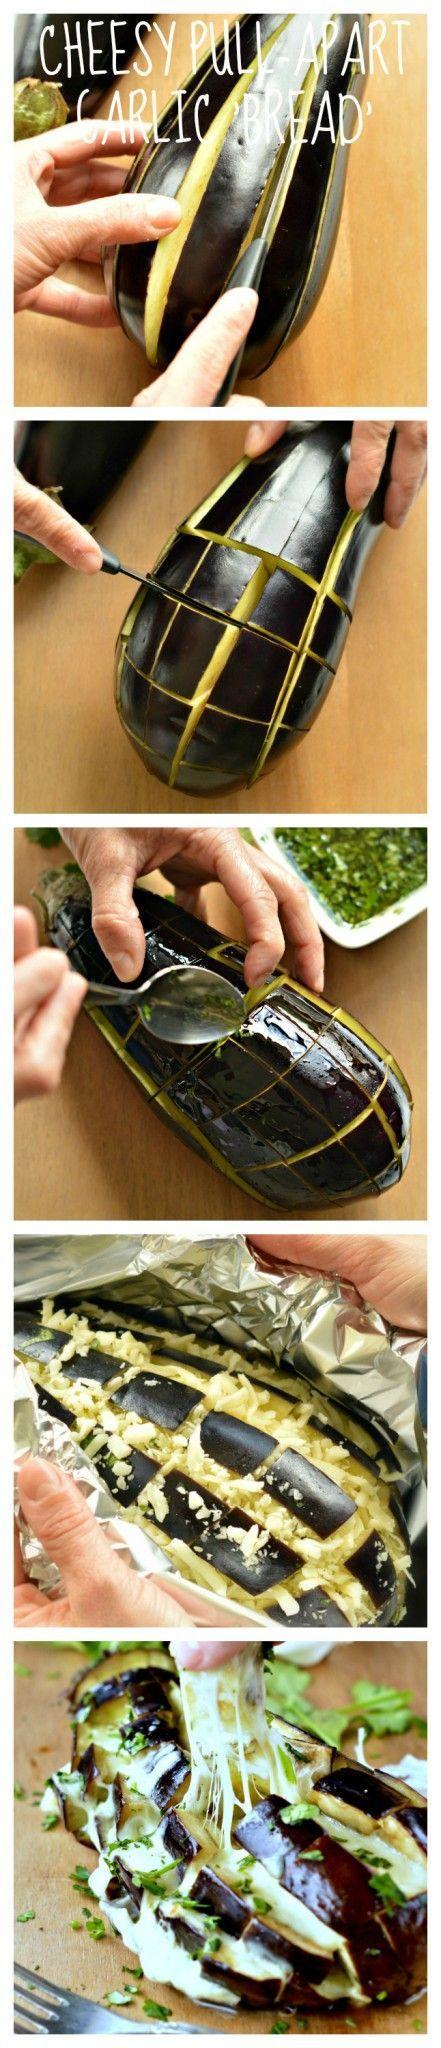 Berenjena con ajo, queso y aceite y al horno. [INGLÉS]